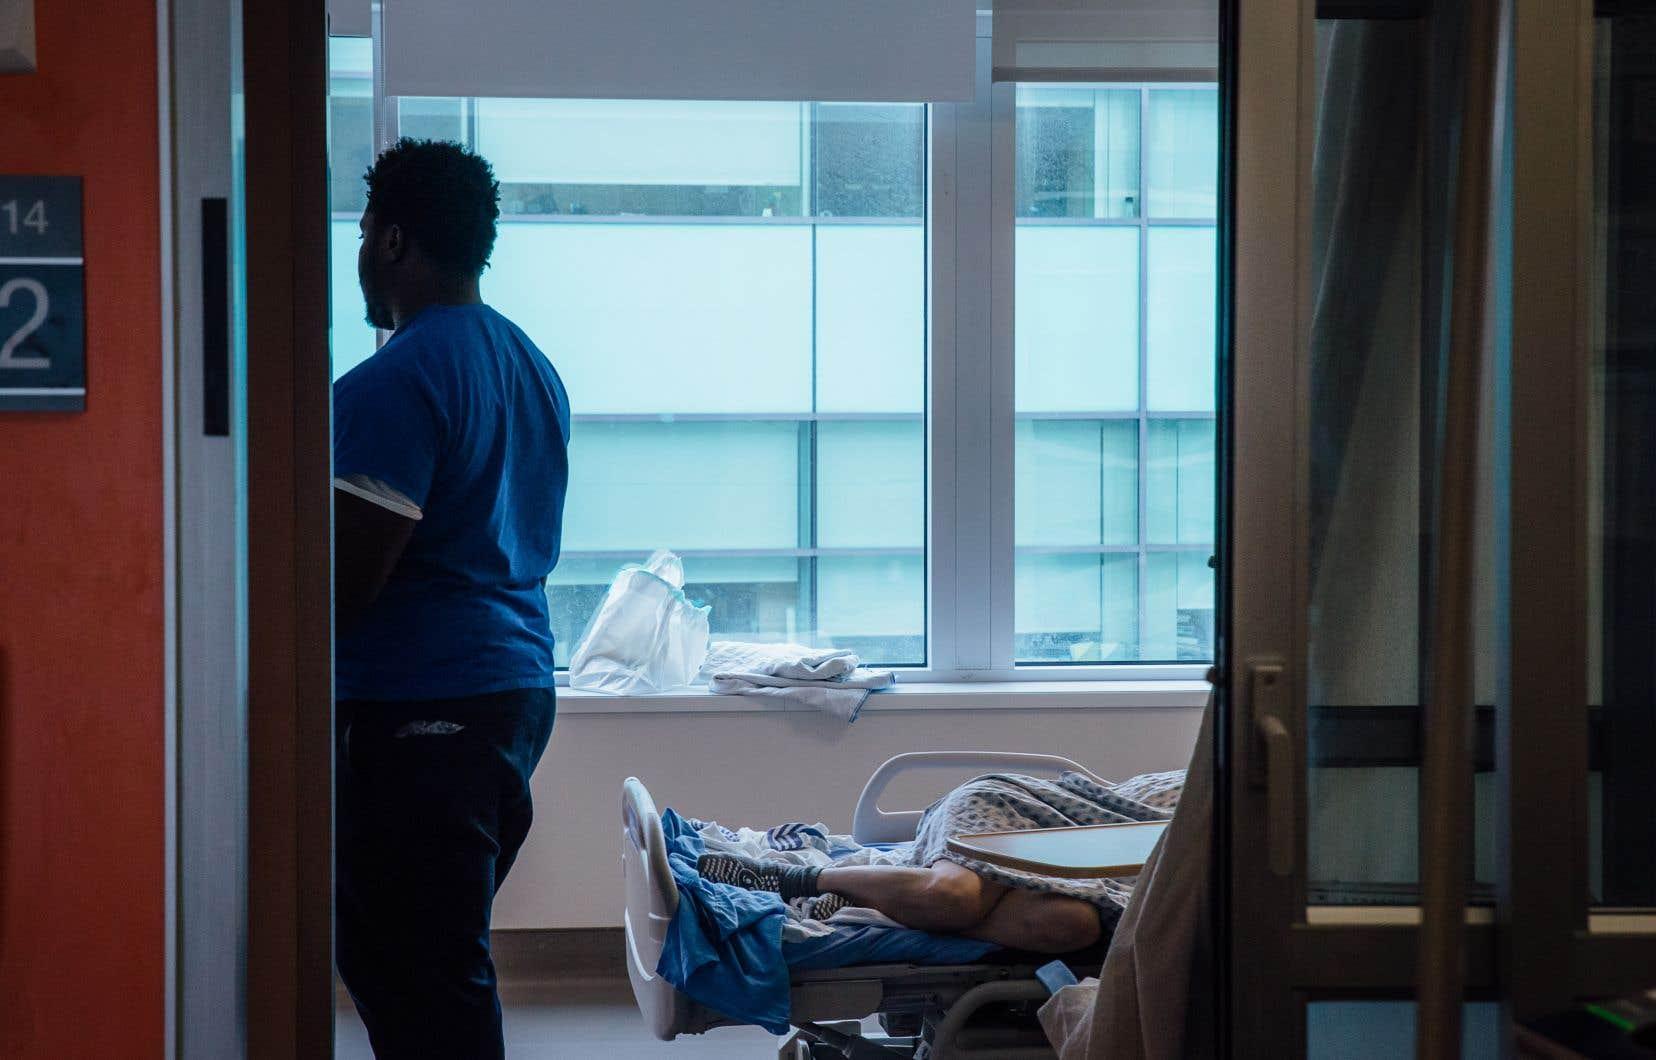 La présence de caméras pour surveiller les patients à l'Hôpital général juif de Montréal porte potentiellement atteinte à la dignité et au secret personnel, estime le Regroupement provincial des comités des usagers.